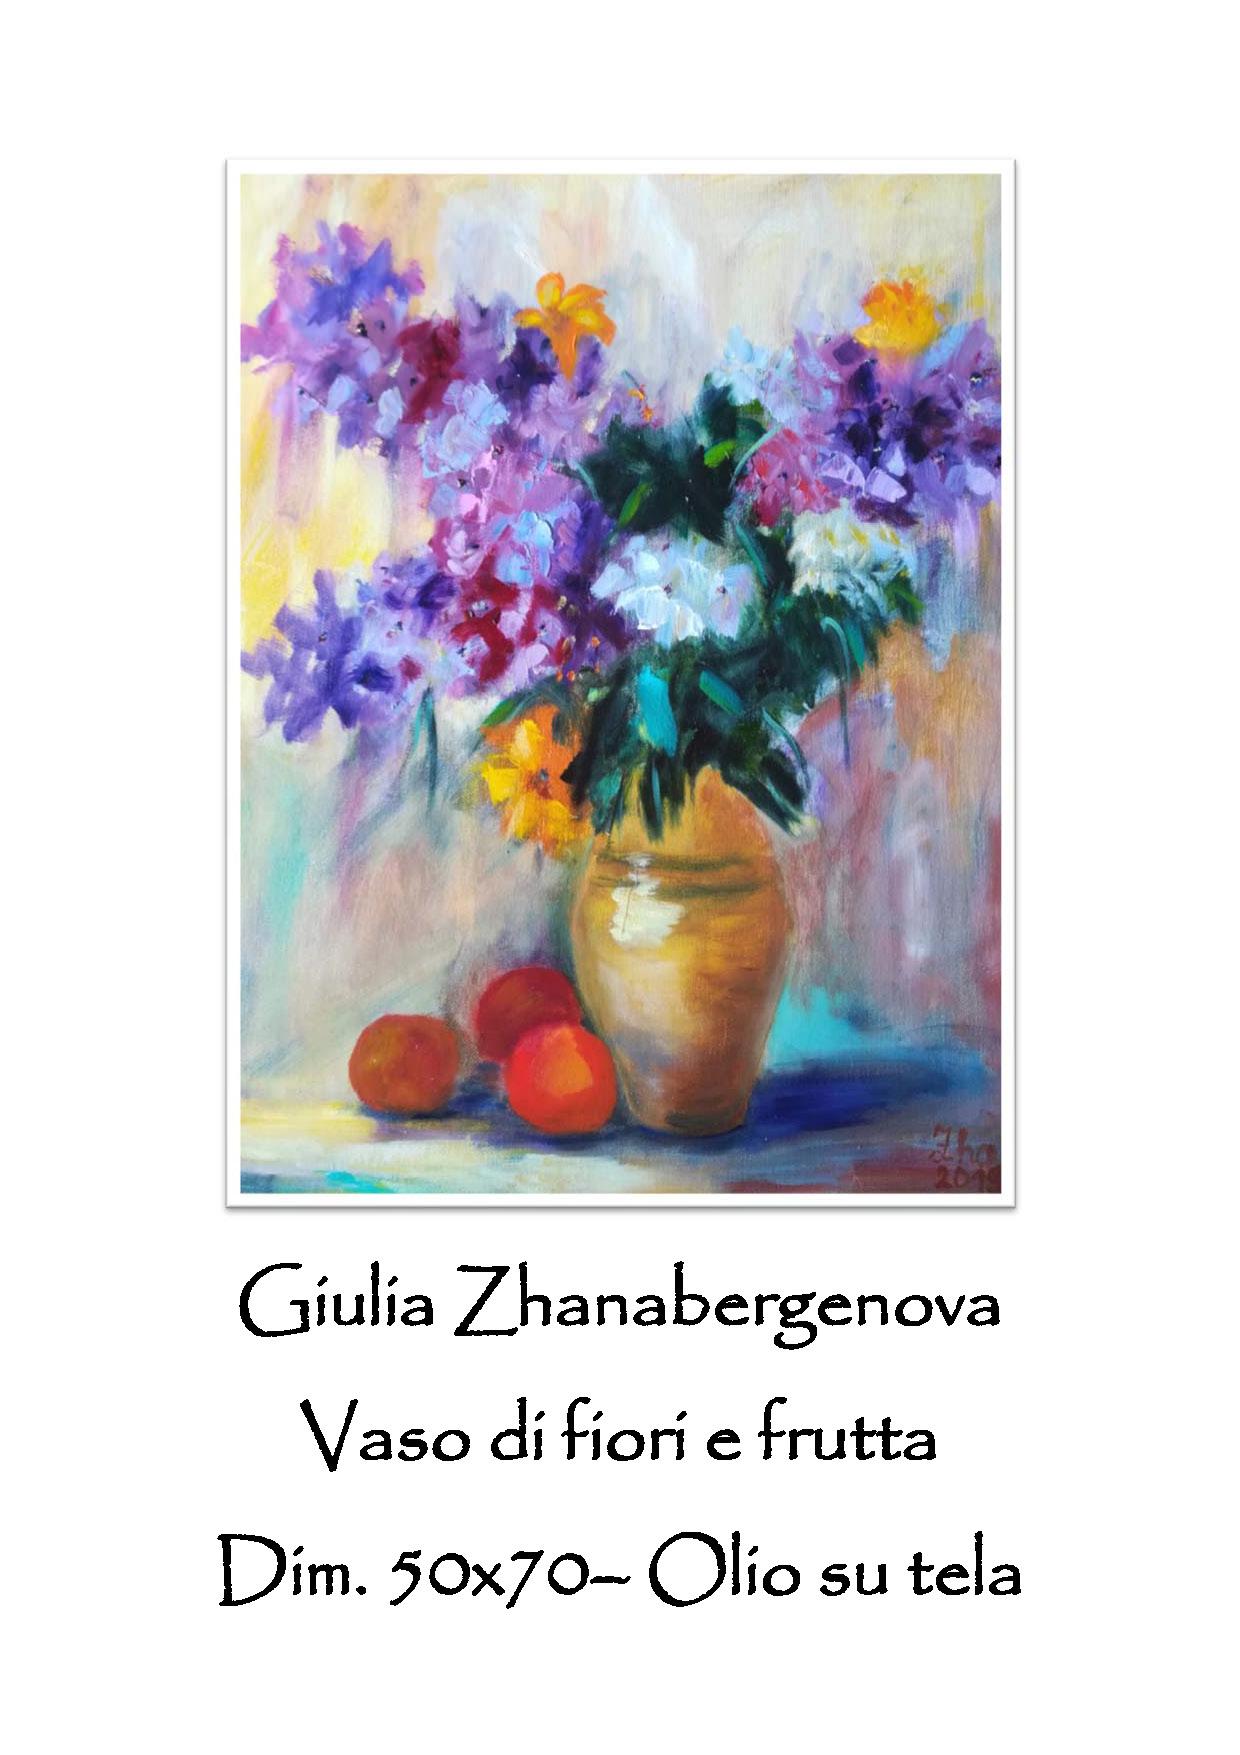 http://www.proartpiagge.it/wp-content/uploads/2020/04/Giulia.jpg